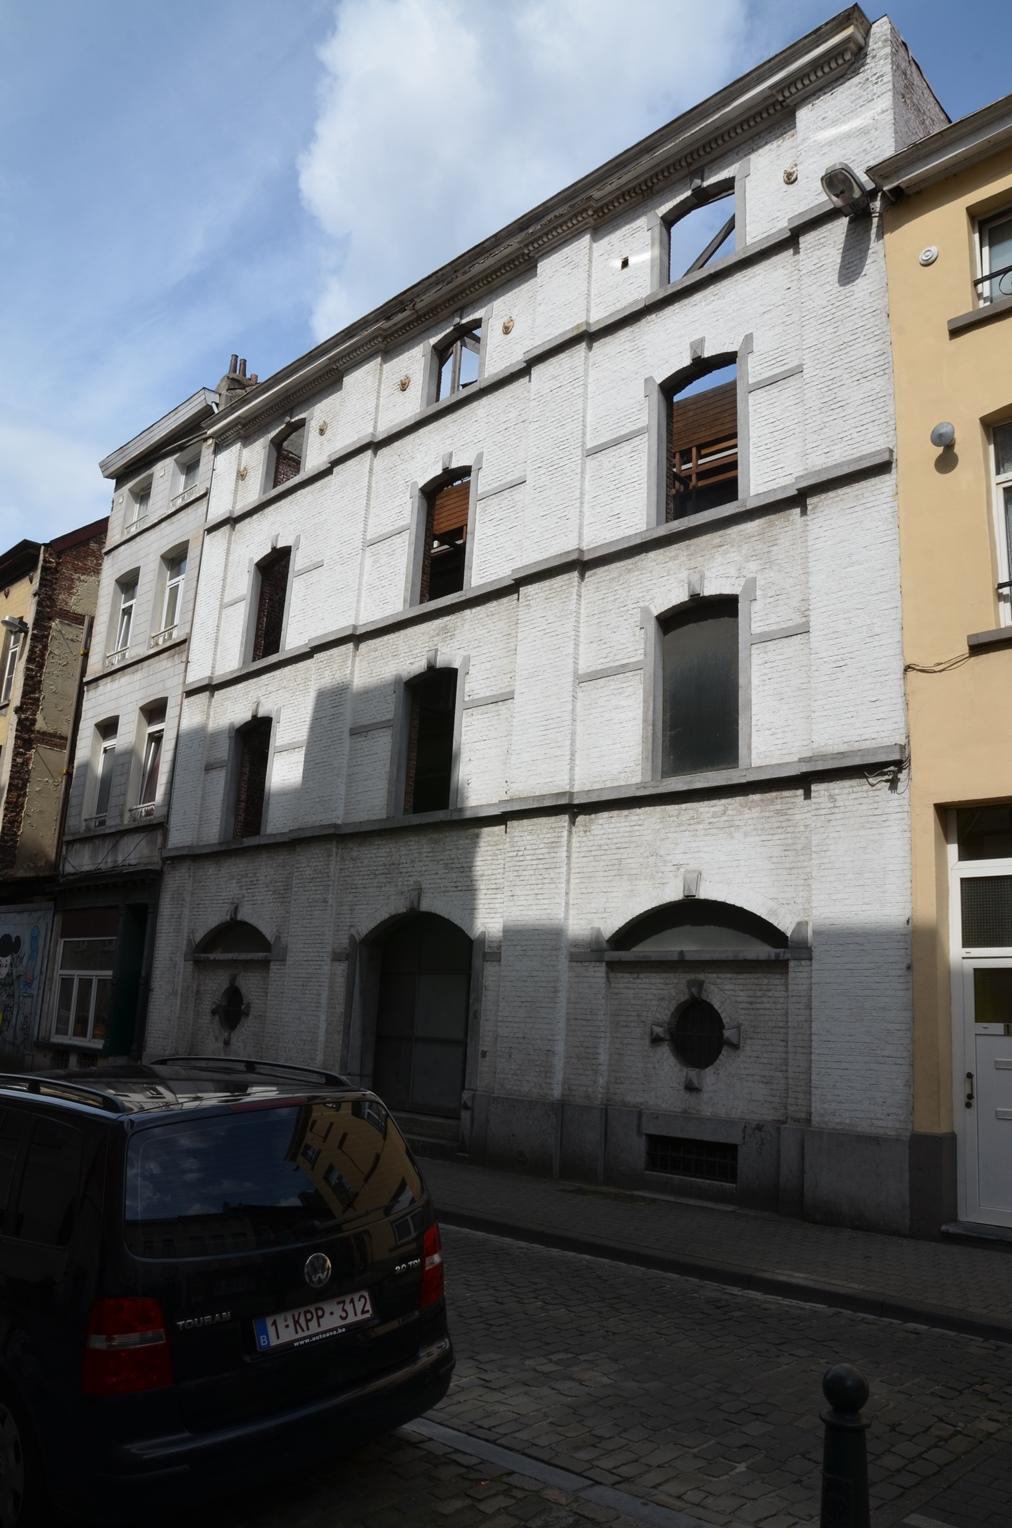 Rue des Echelles 5, 2015